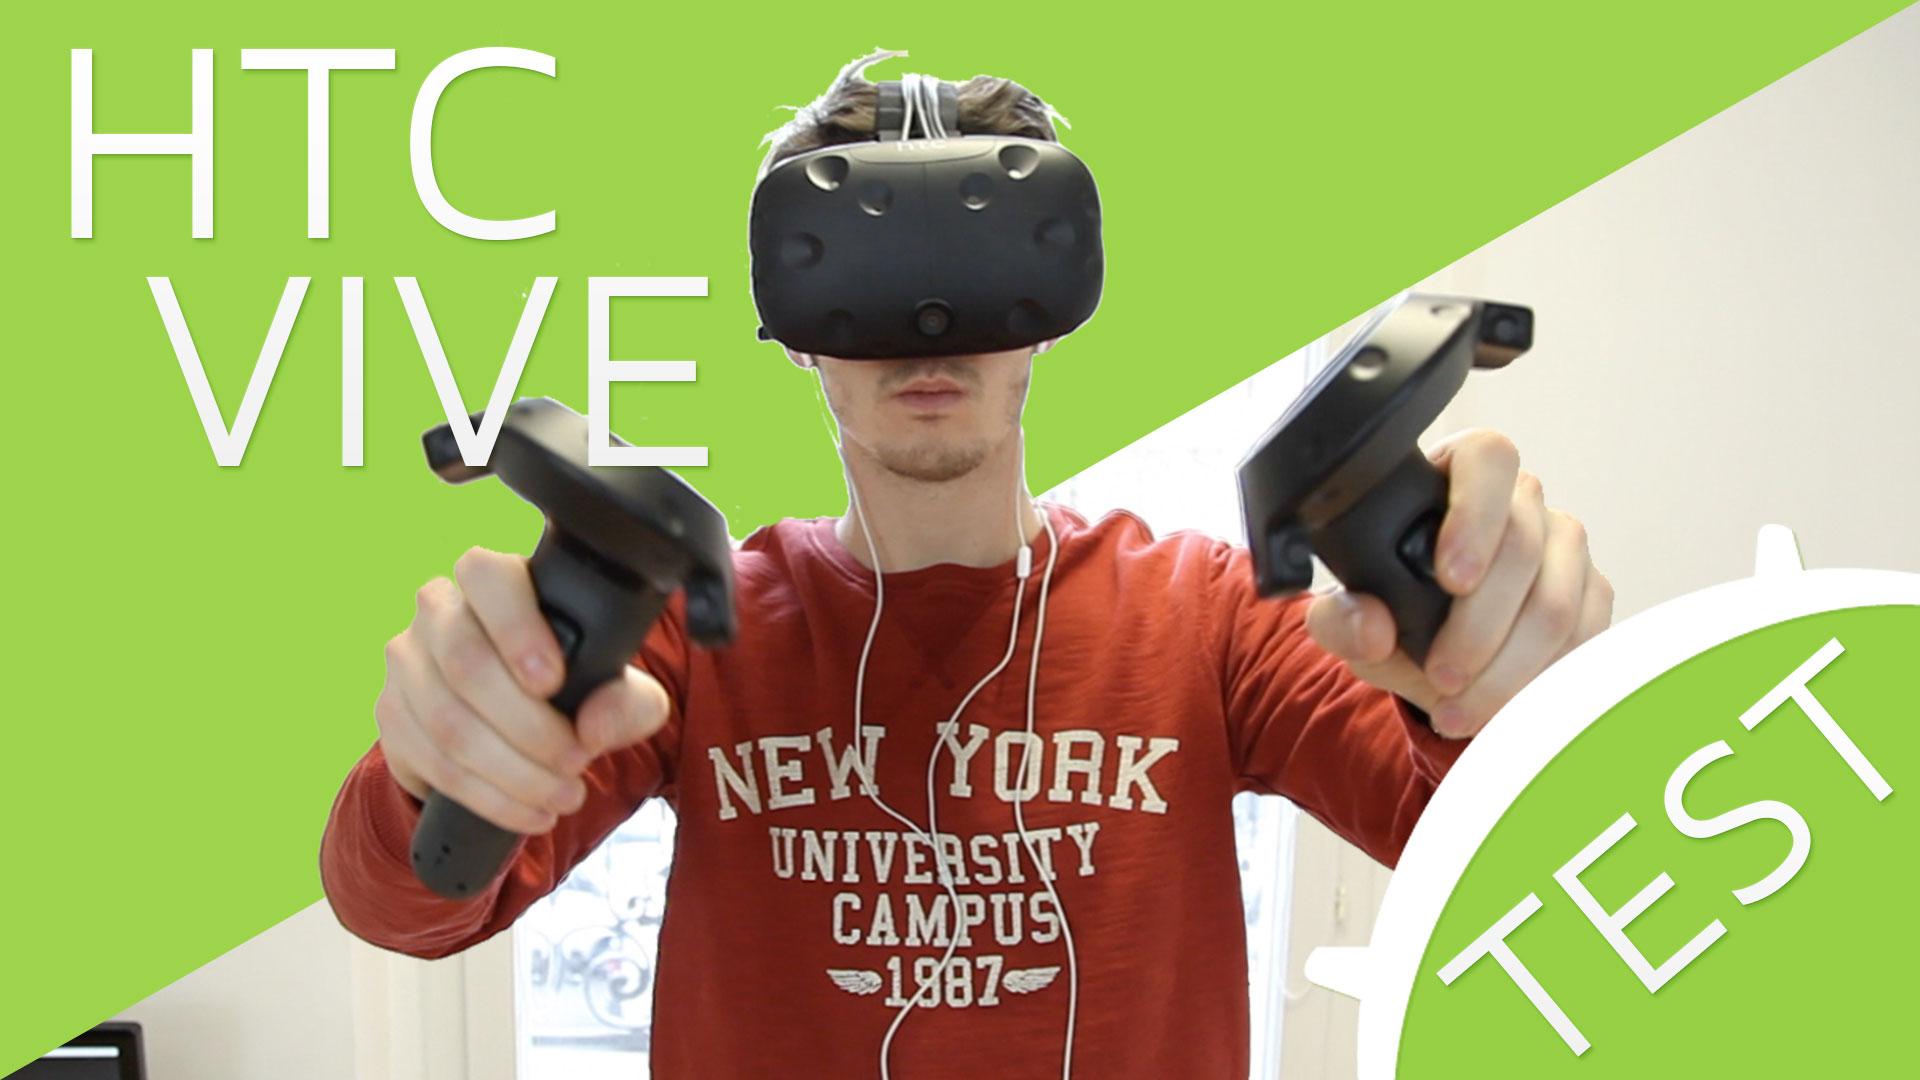 Vidéo : Notre test du HTC Vive, l'expérience ultime de réalité virtuelle